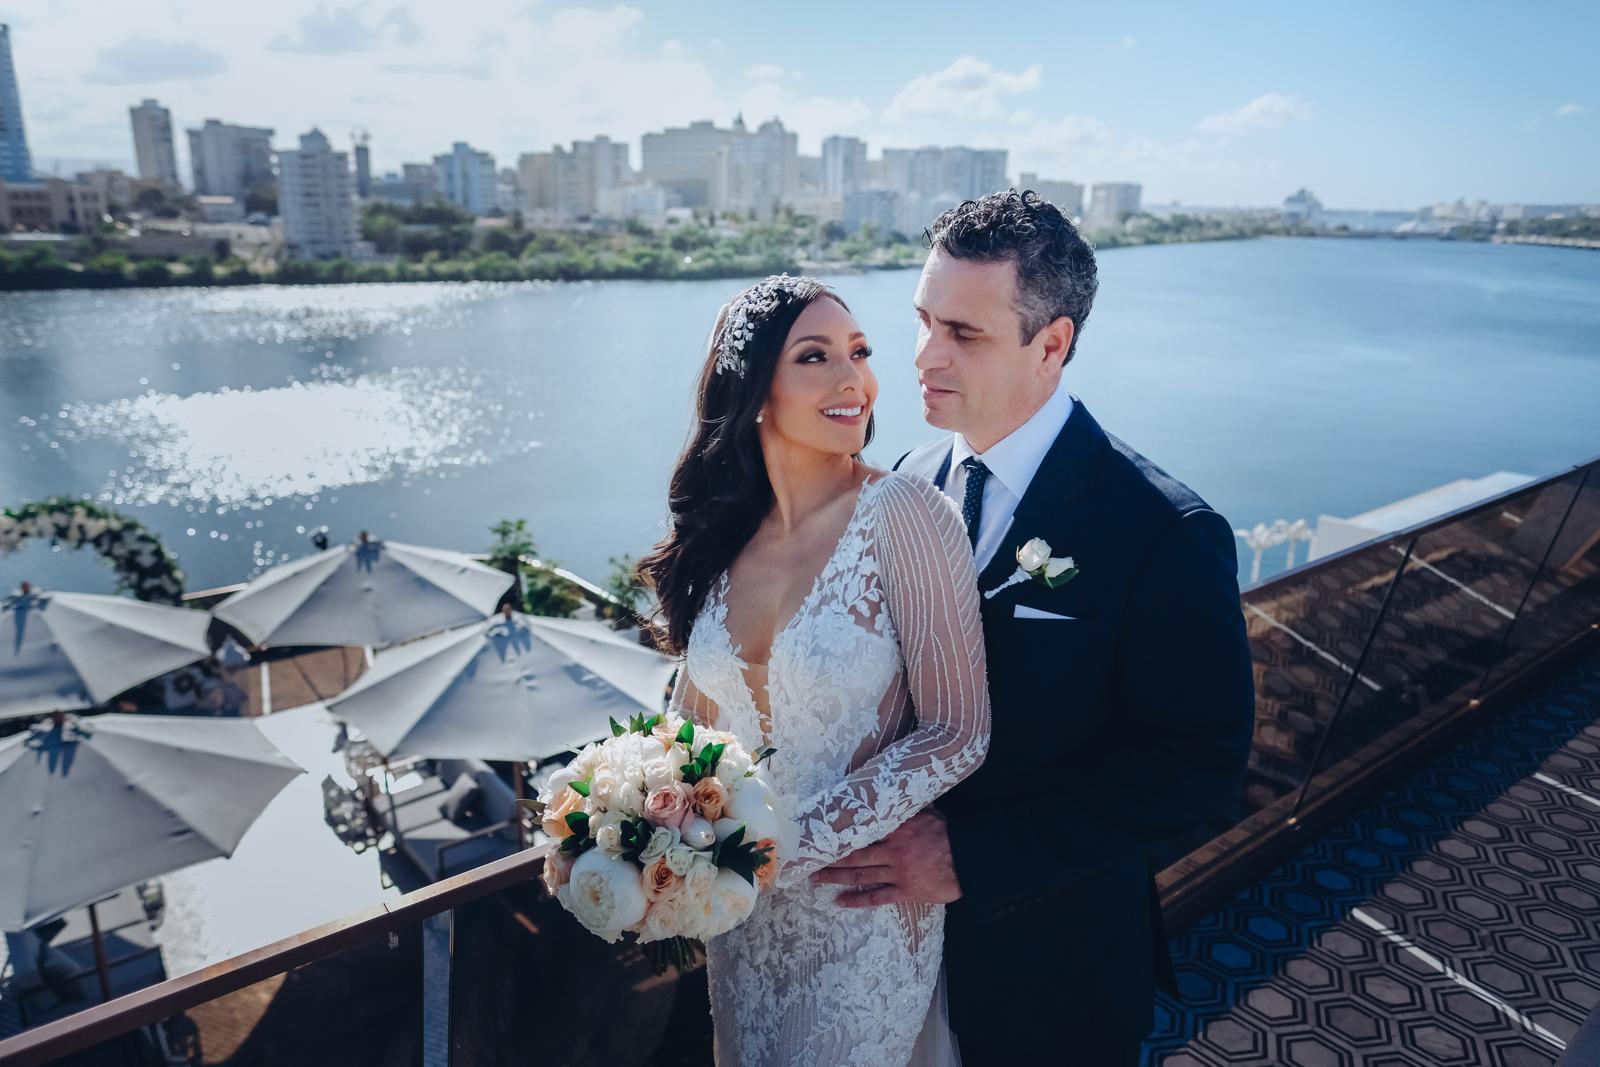 Nicole Chacón y Roberto González disfrutaron del proceso de preparar su boda. (Foto: Emilio Leon Photography)